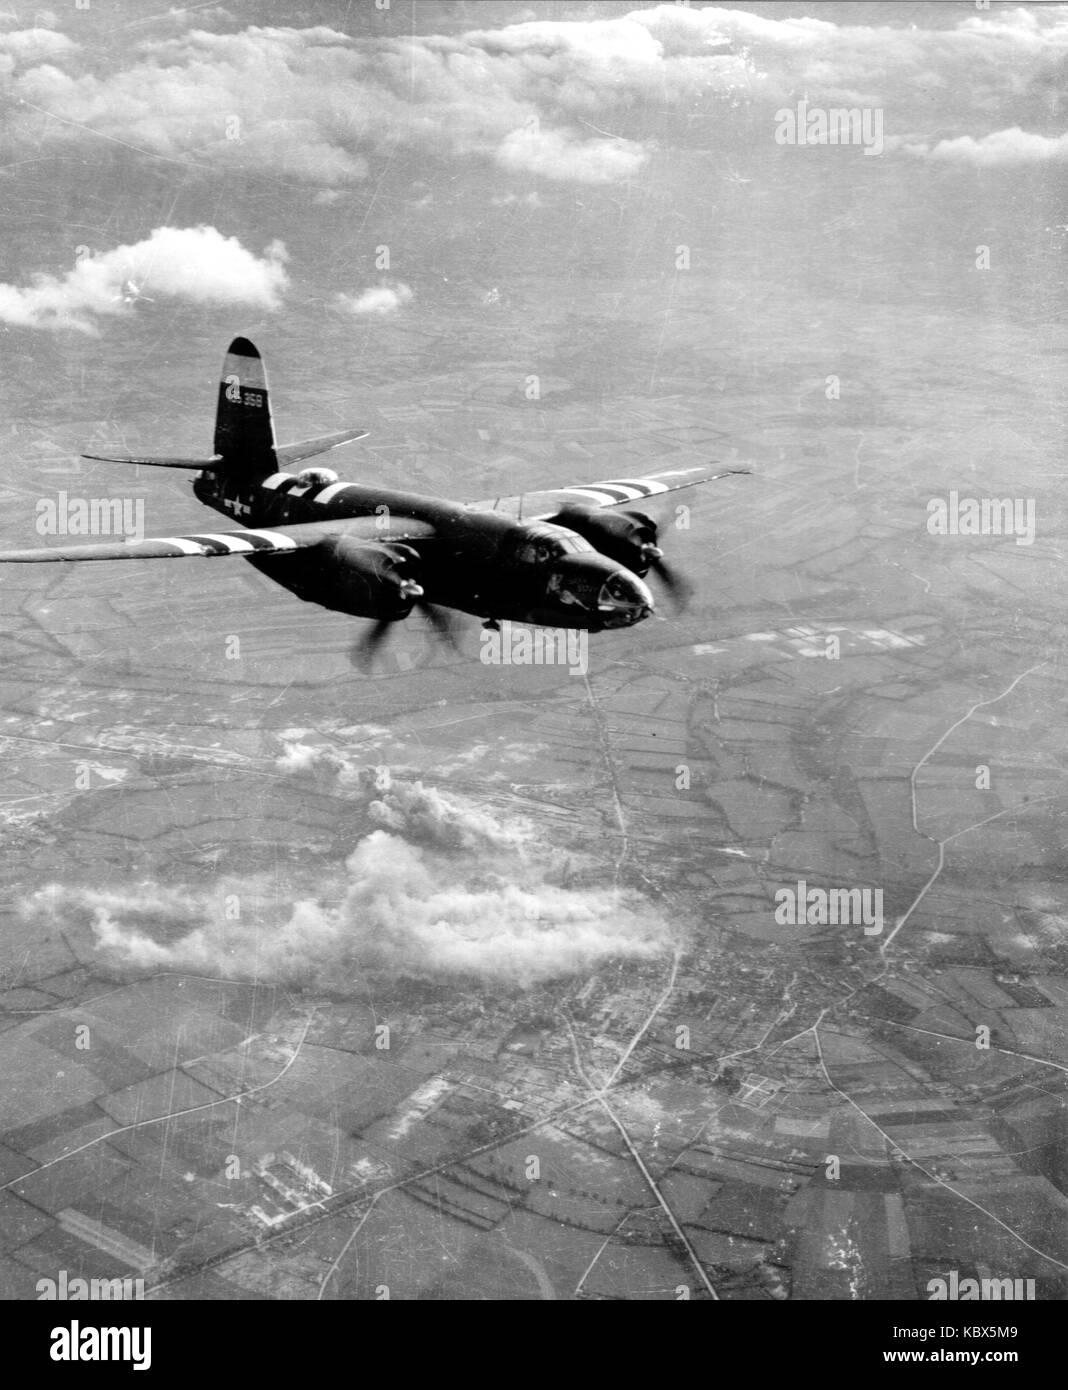 Martin b26 marauder. american avión bombardero en acción durante la II Guerra Mundial Foto de stock